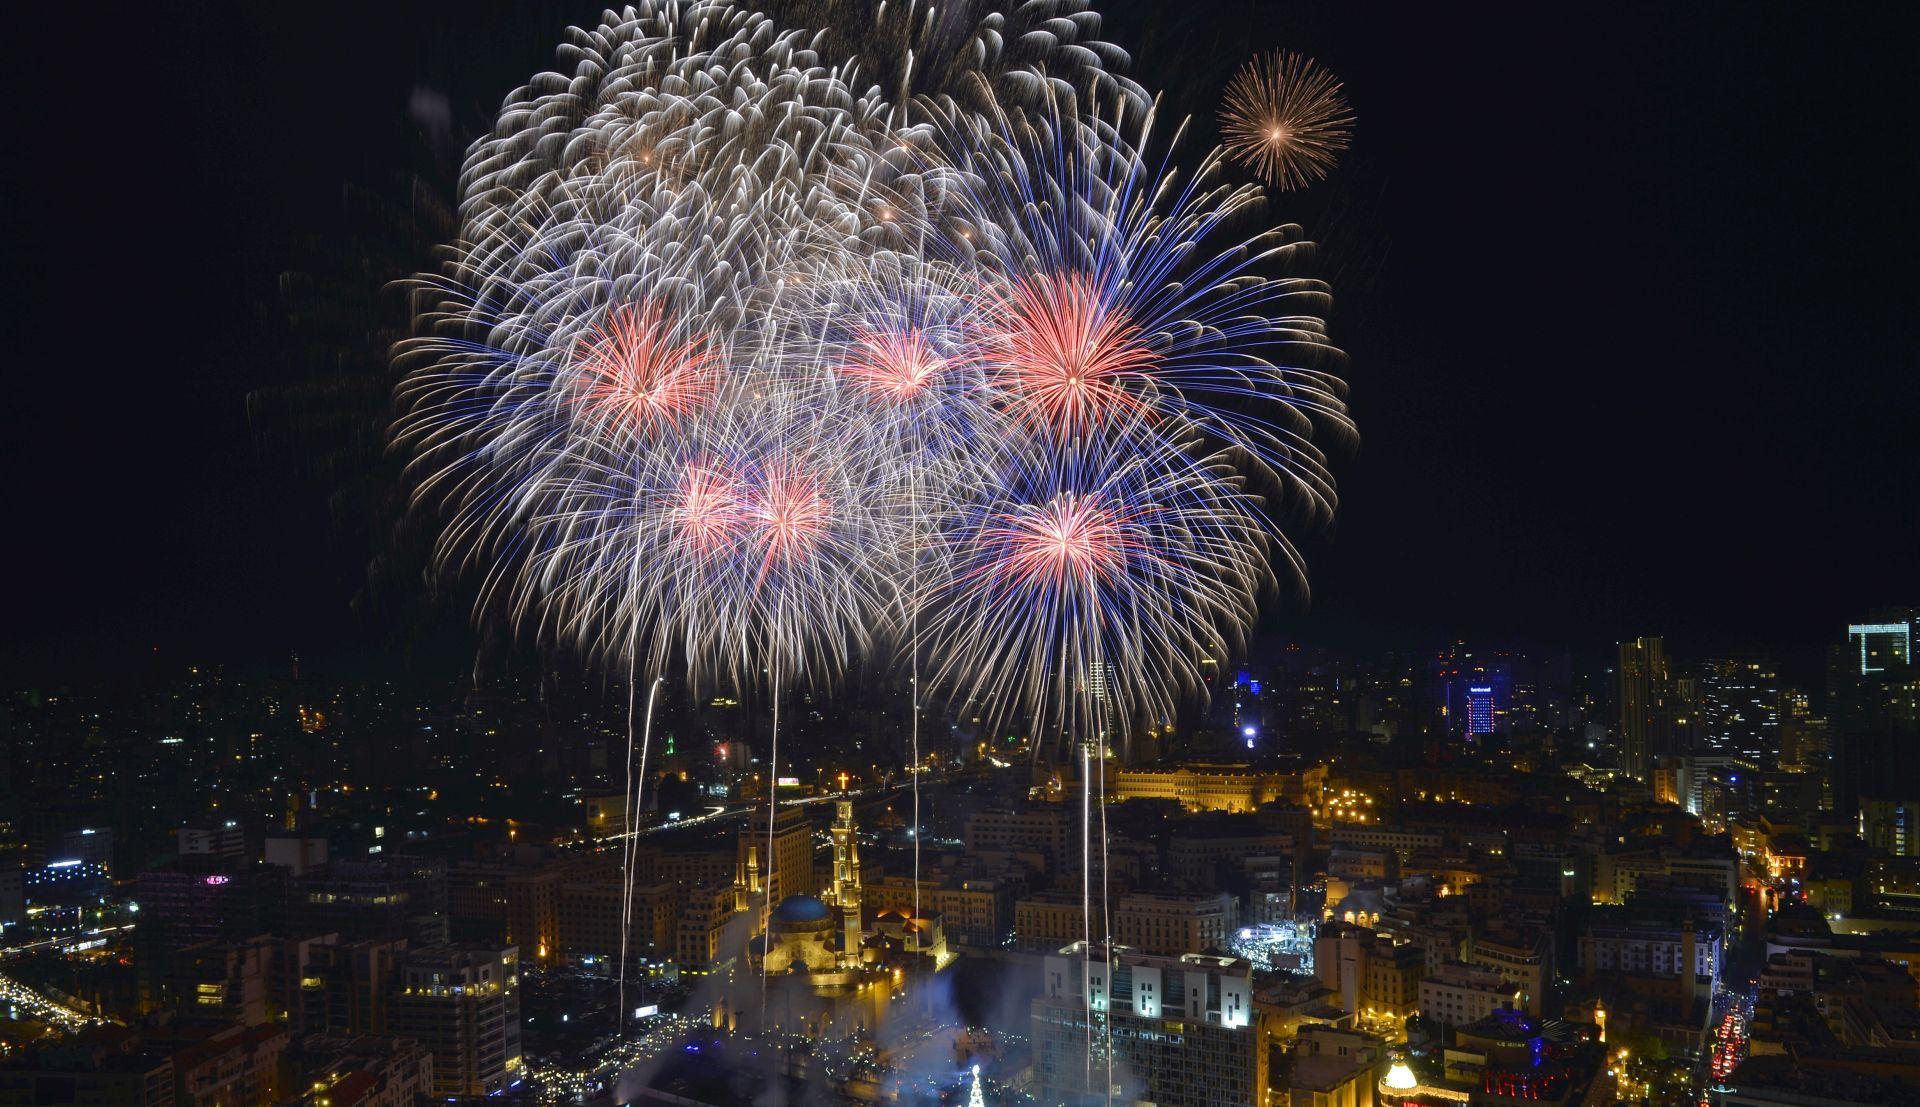 Svijet vatrometima i proslavama na otvorenom dočekao 2019.